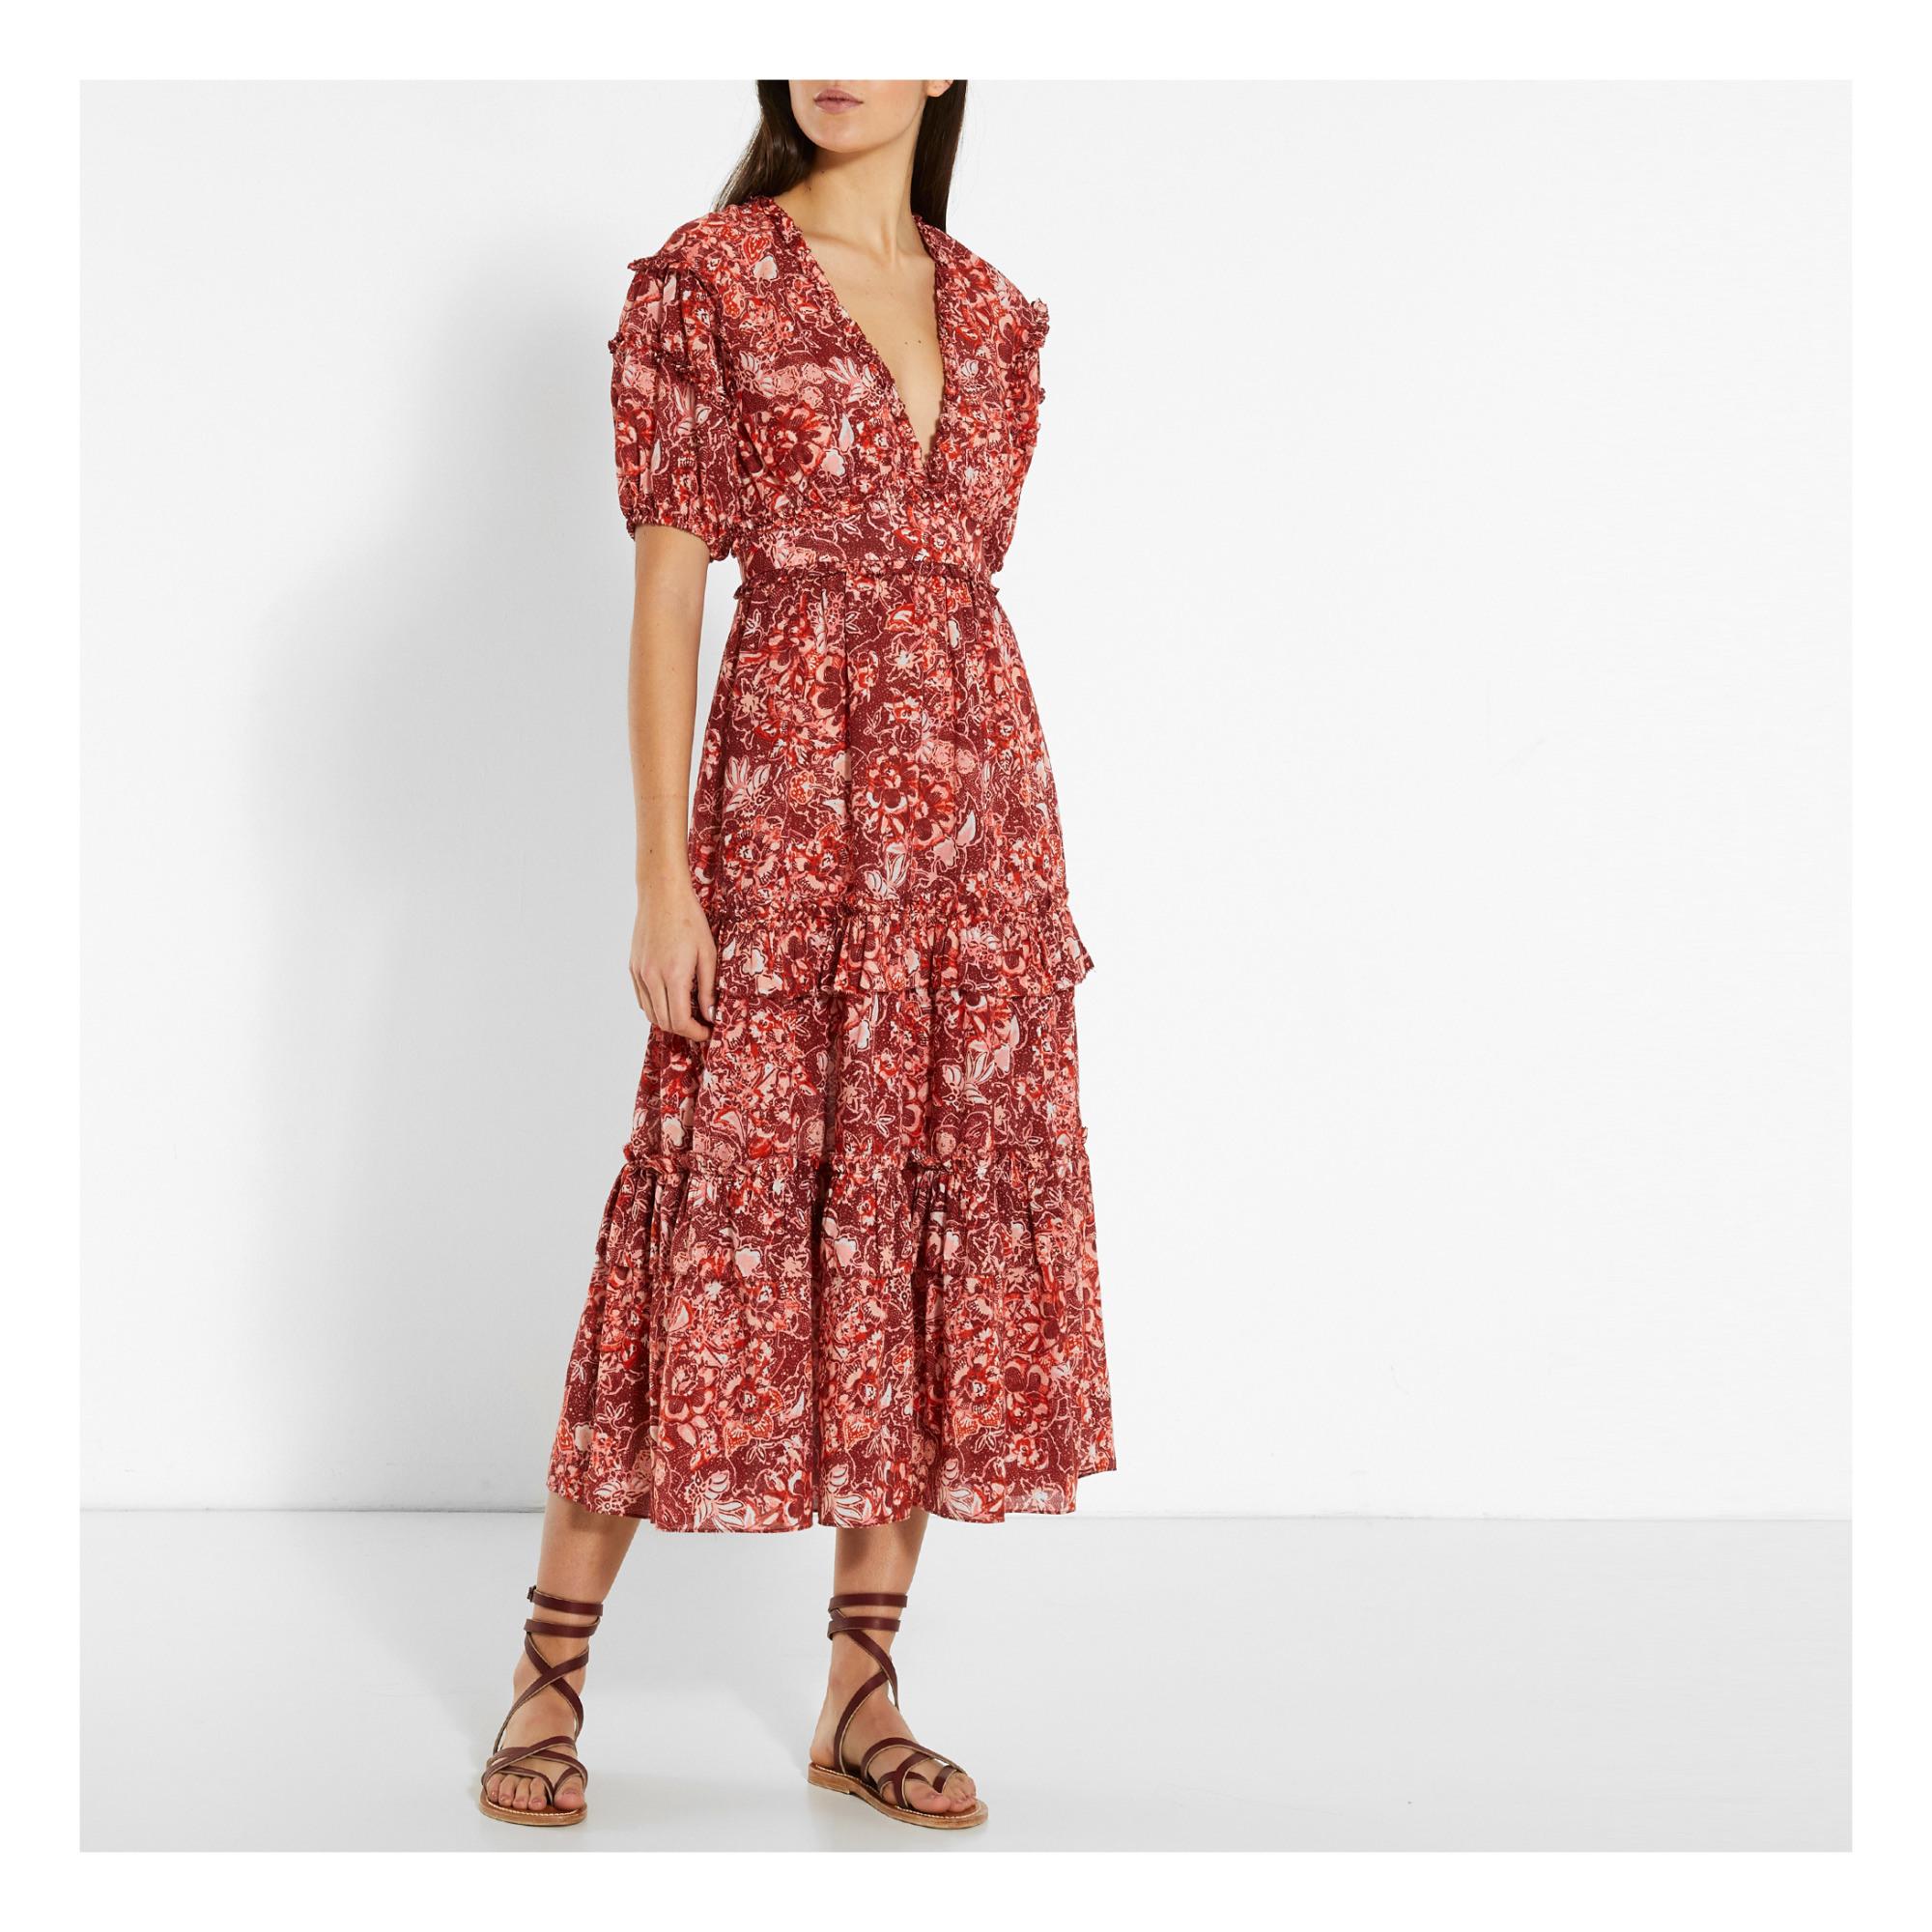 Kleid Aus Seide Und Baumwolle Amora Rot Ulla Johnson Mode